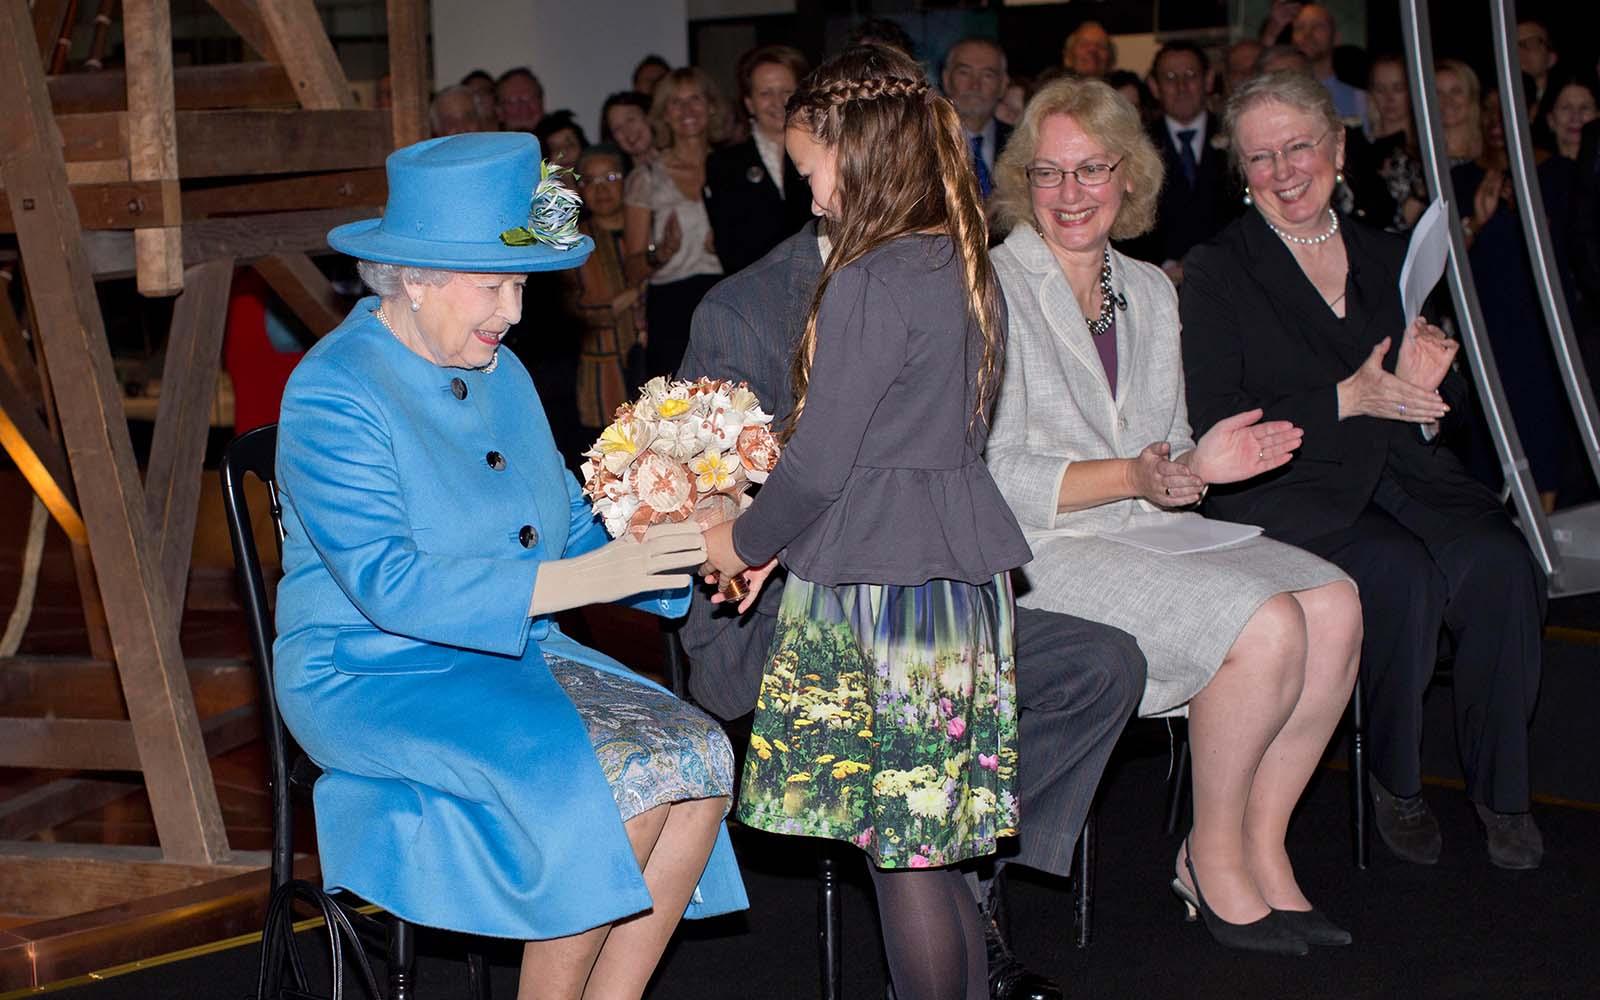 Queen-Bouquet-queen2 copy